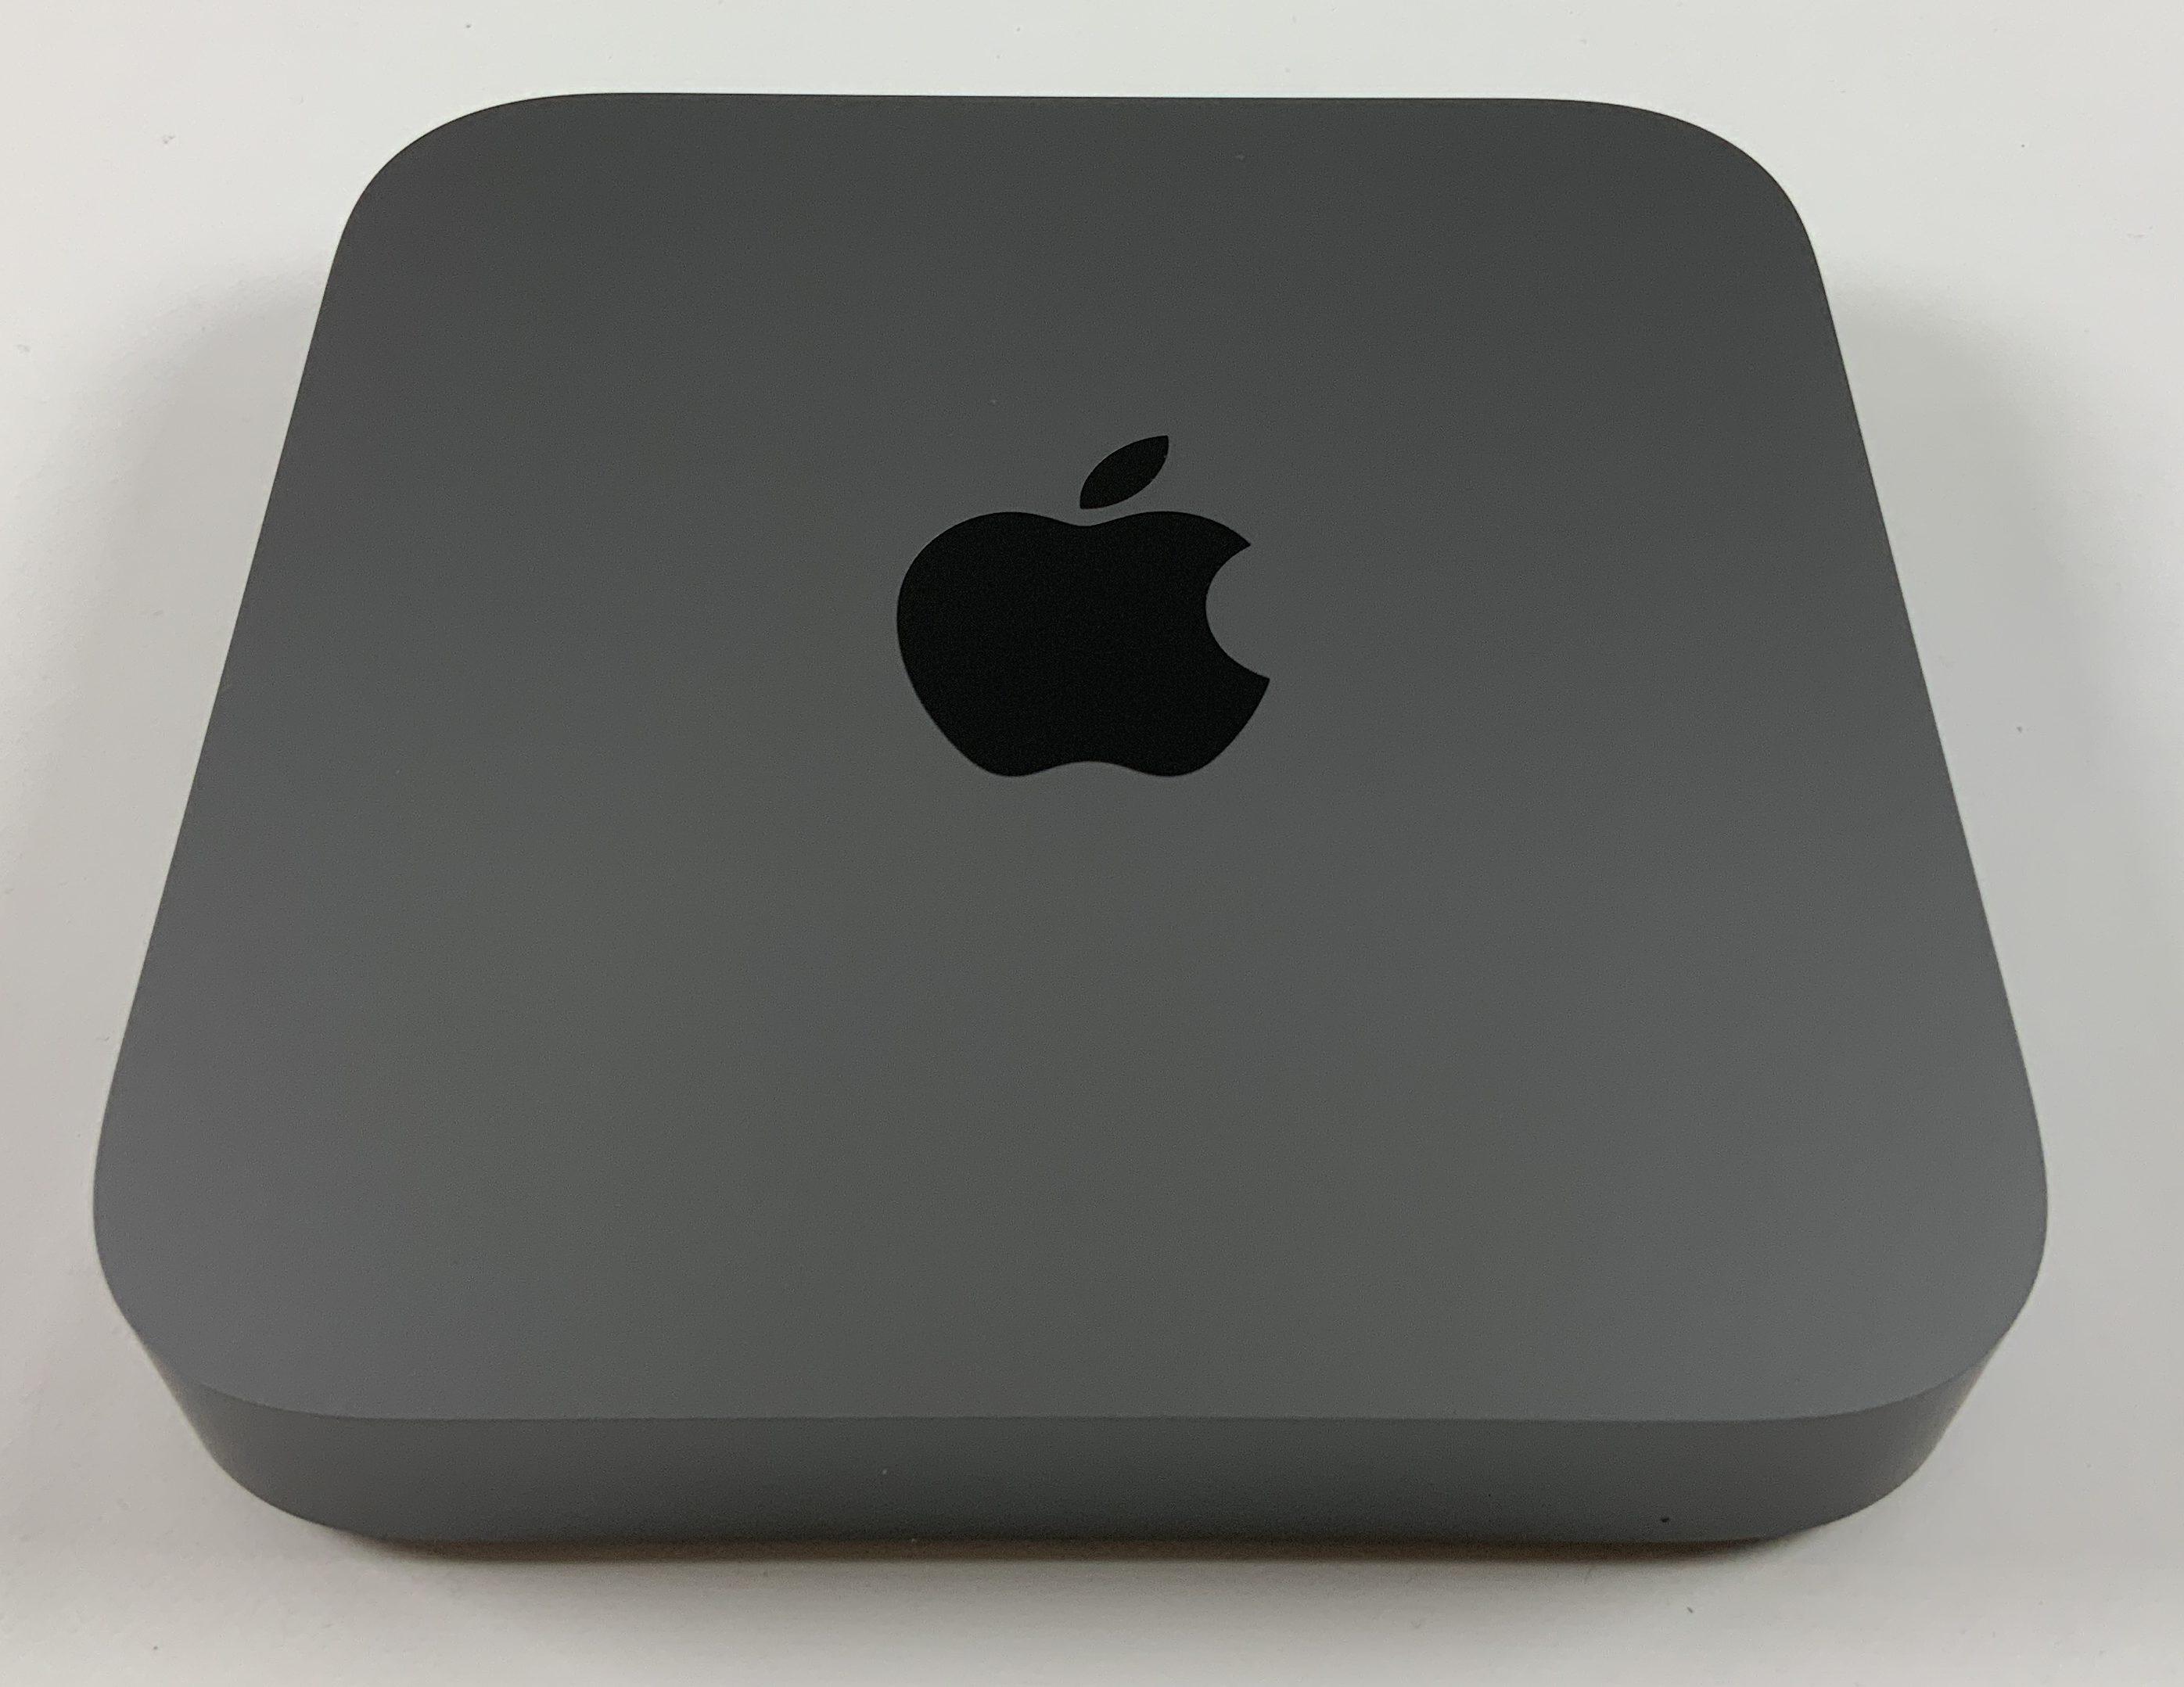 Mac Mini Late 2018 (Intel 6-Core i7 3.2 GHz 64 GB RAM 512 GB SSD), Intel 6-Core i7 3.2 GHz, 64 GB RAM, 512 GB SSD, image 1